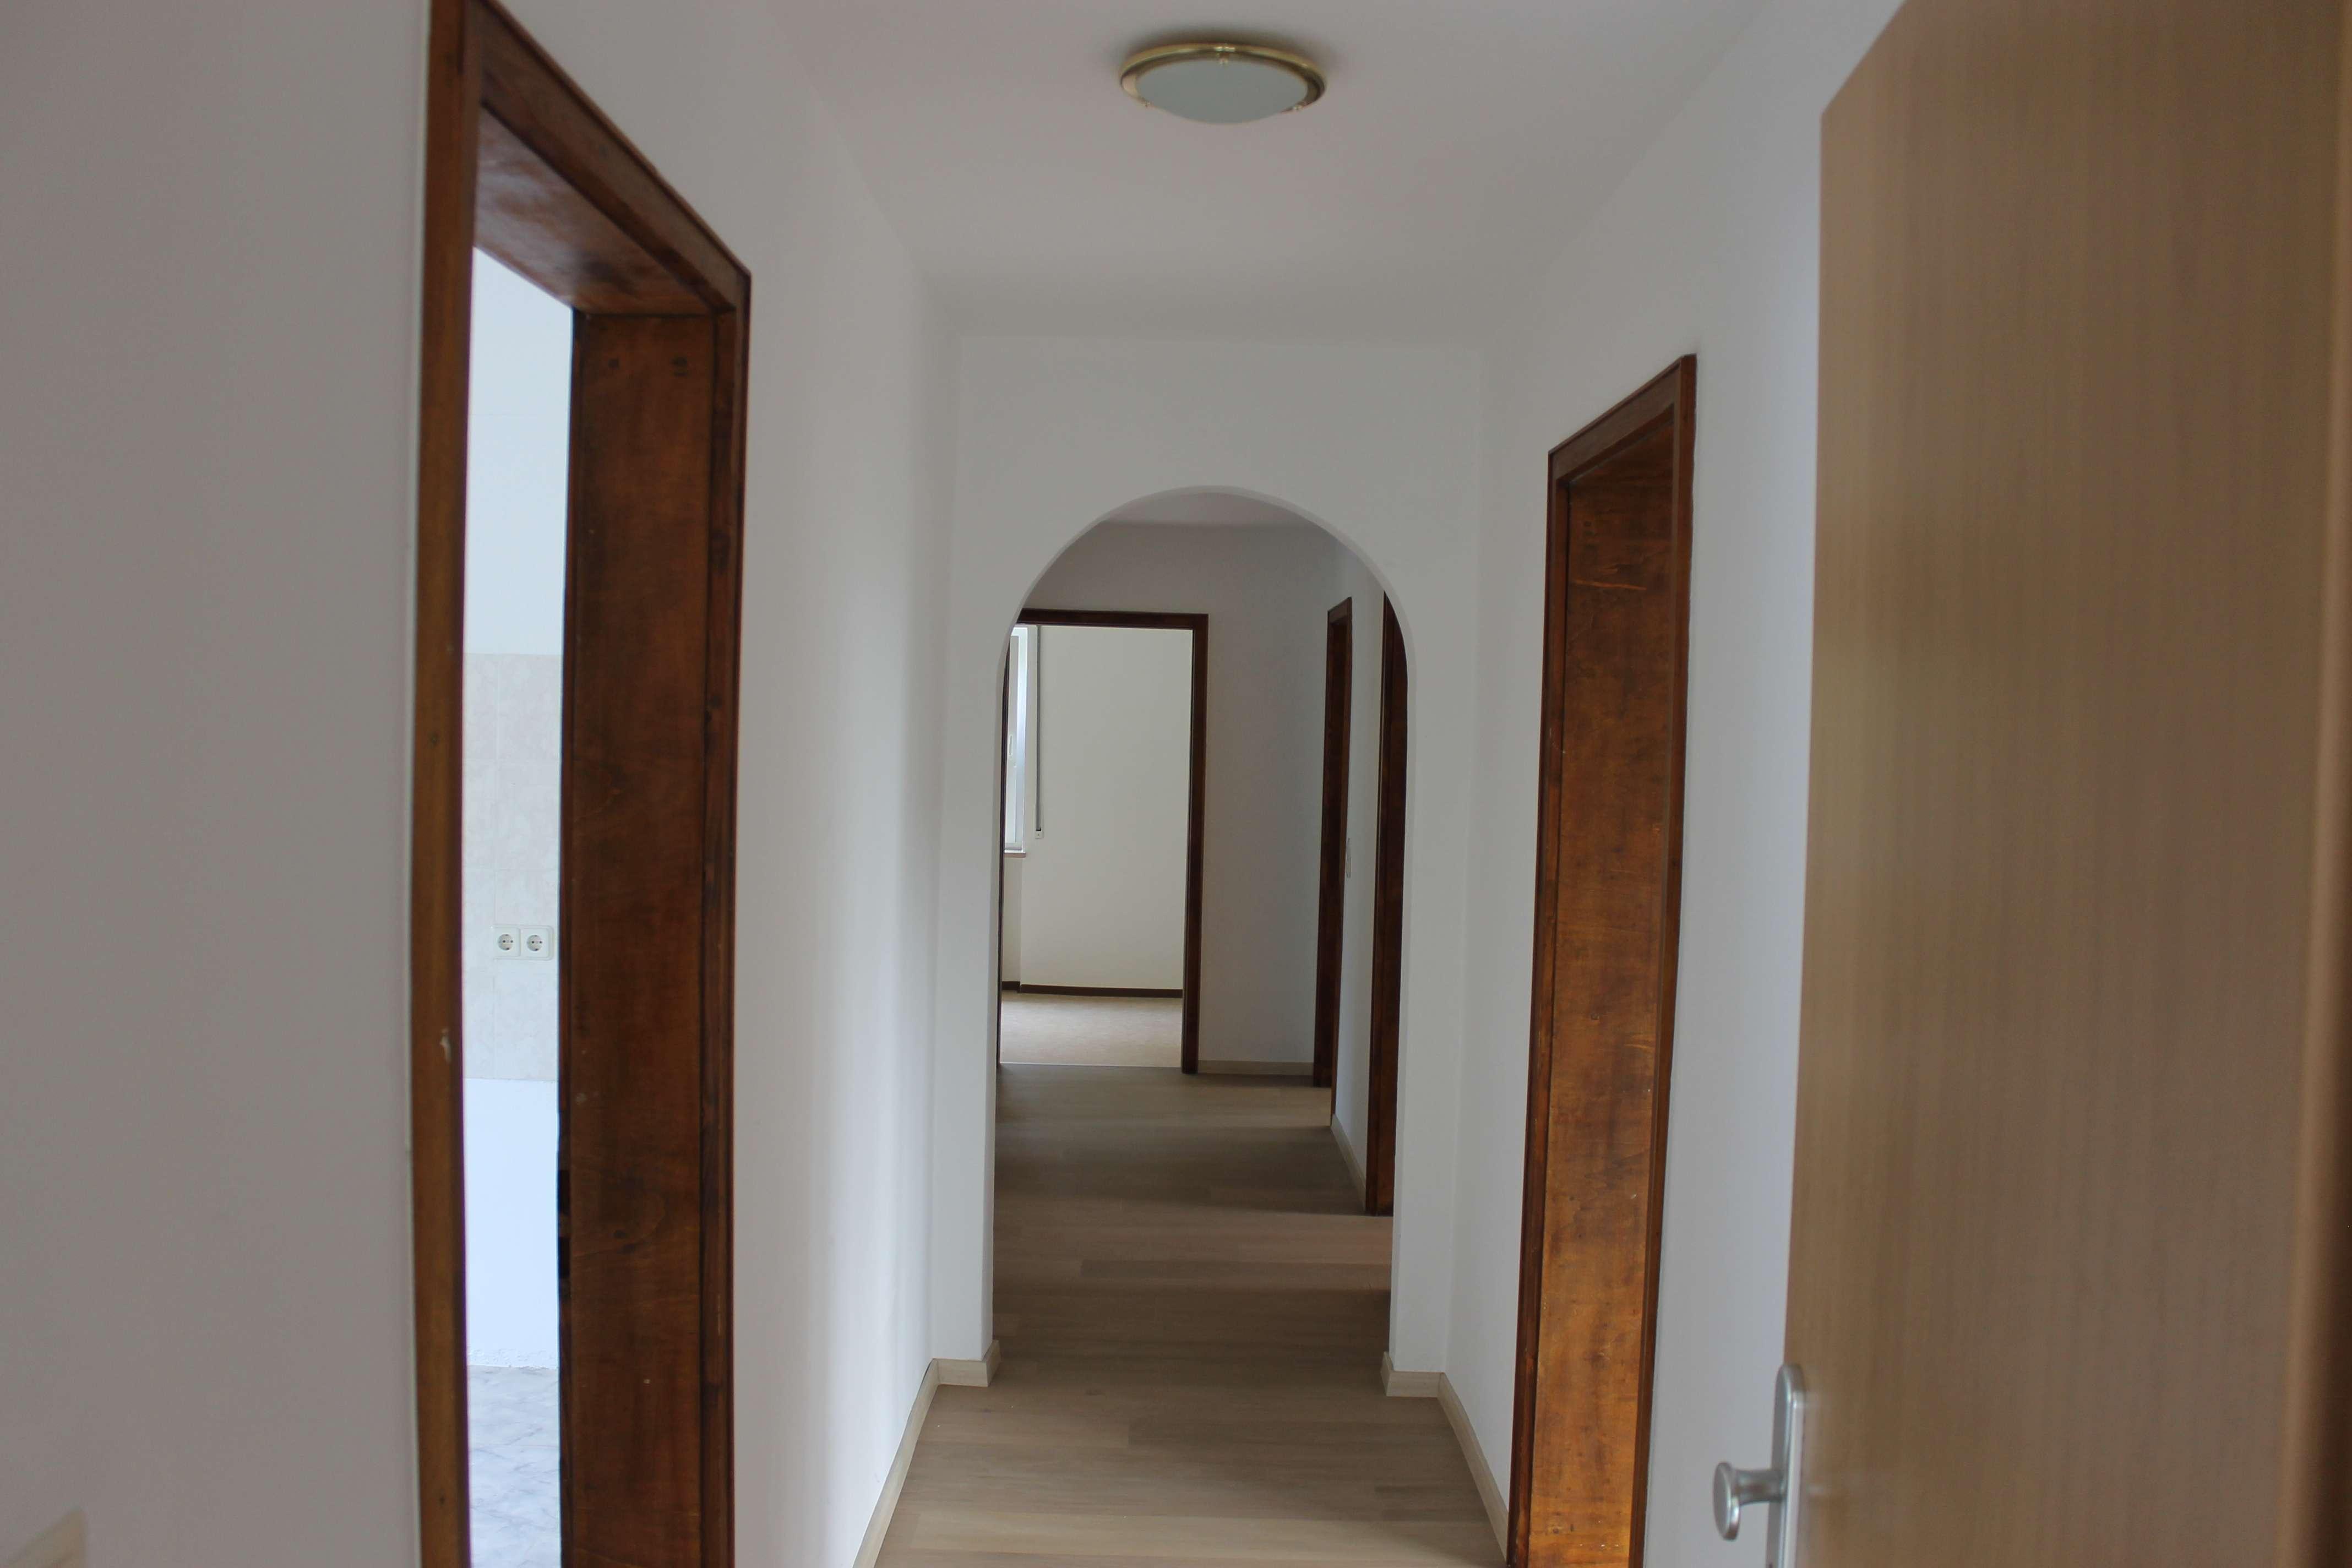 Sonnige 4-Zimmer-Wohnung mit Garage in Mühlstetten, Röttenbach, Kreis Roth in